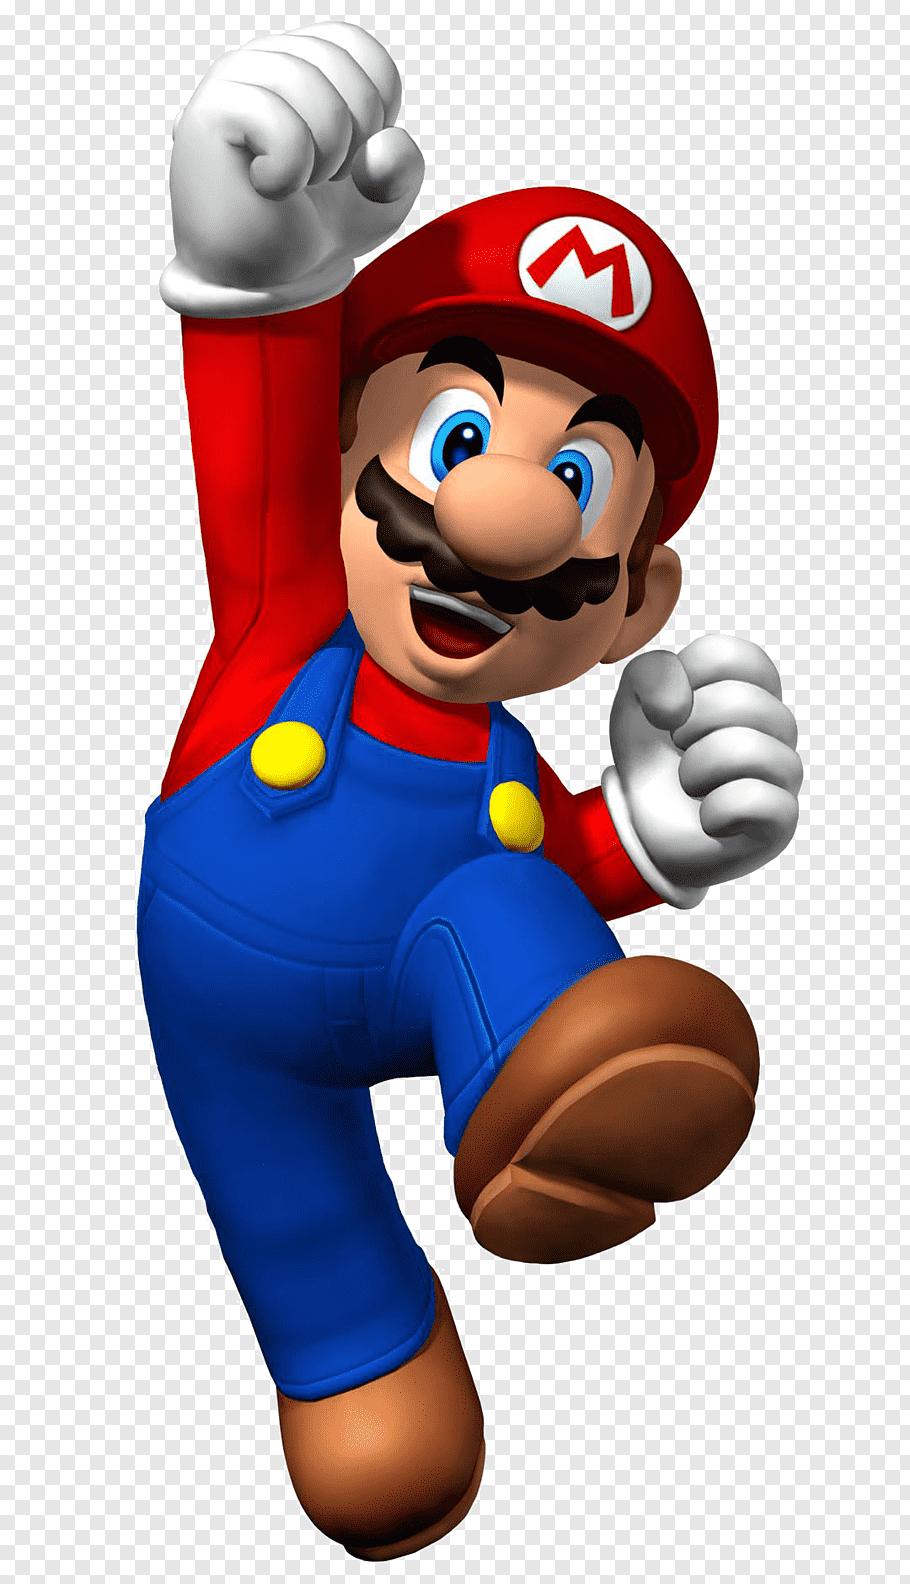 Super Mario illustration, New Super Mario Bros. U New Super.